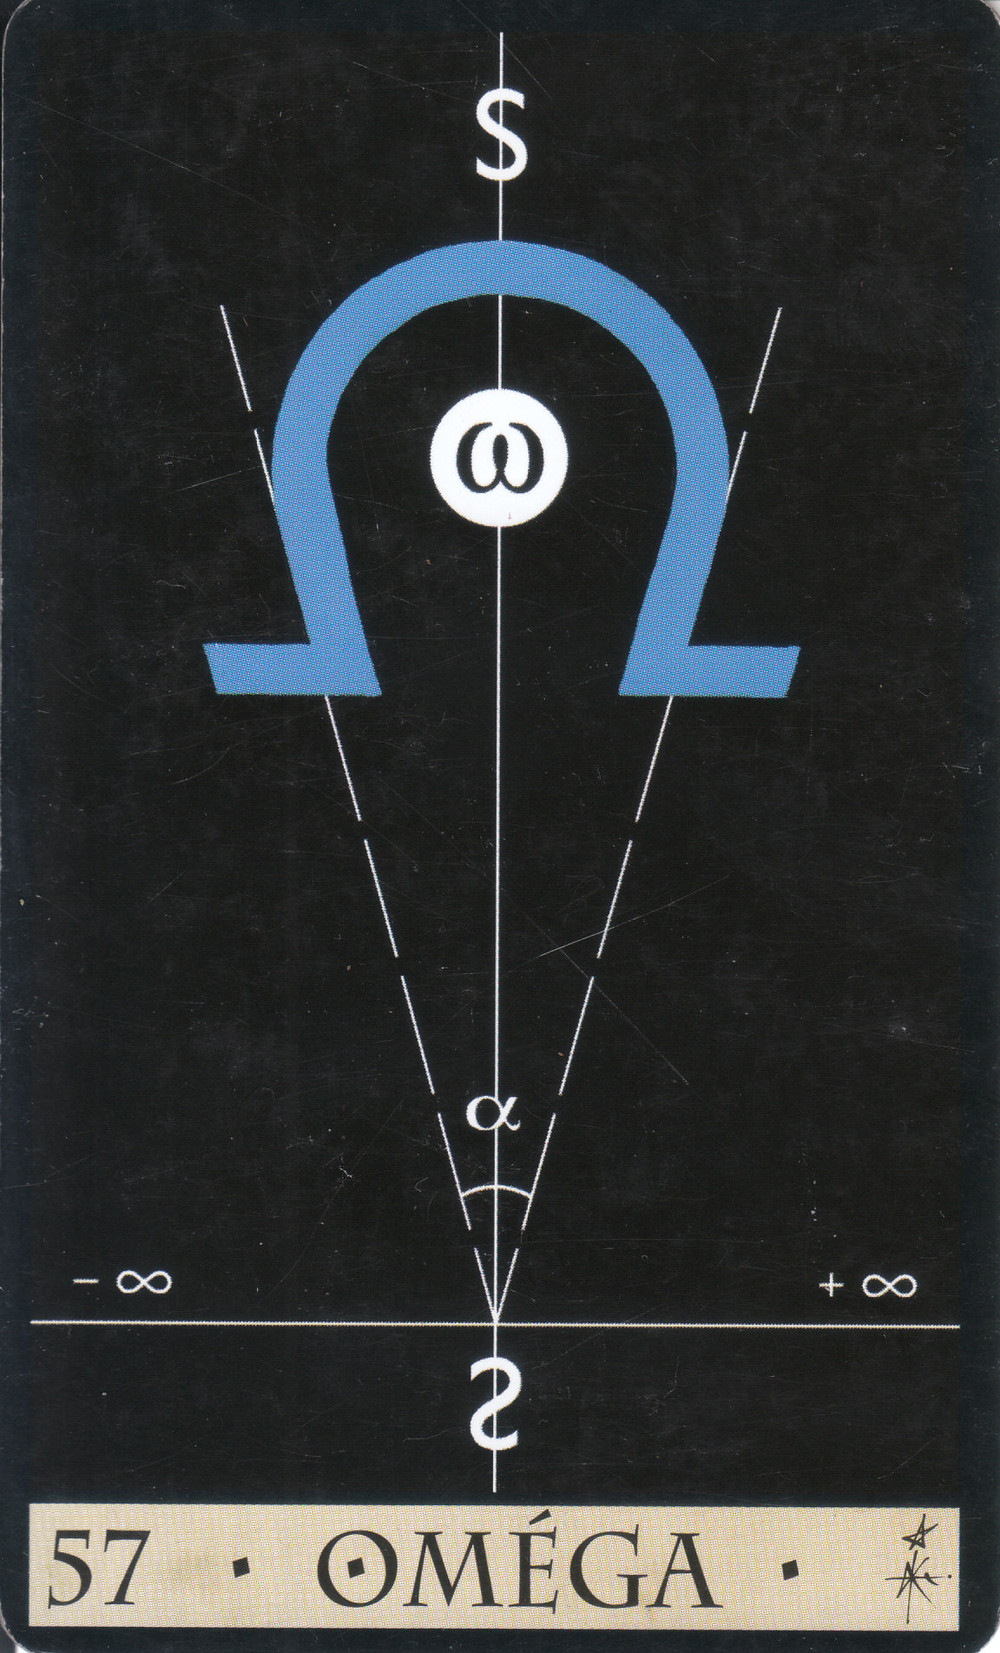 Carte tirée de L'Oracle de la Triade de Dominike Duplaa - 57 : OMEGA